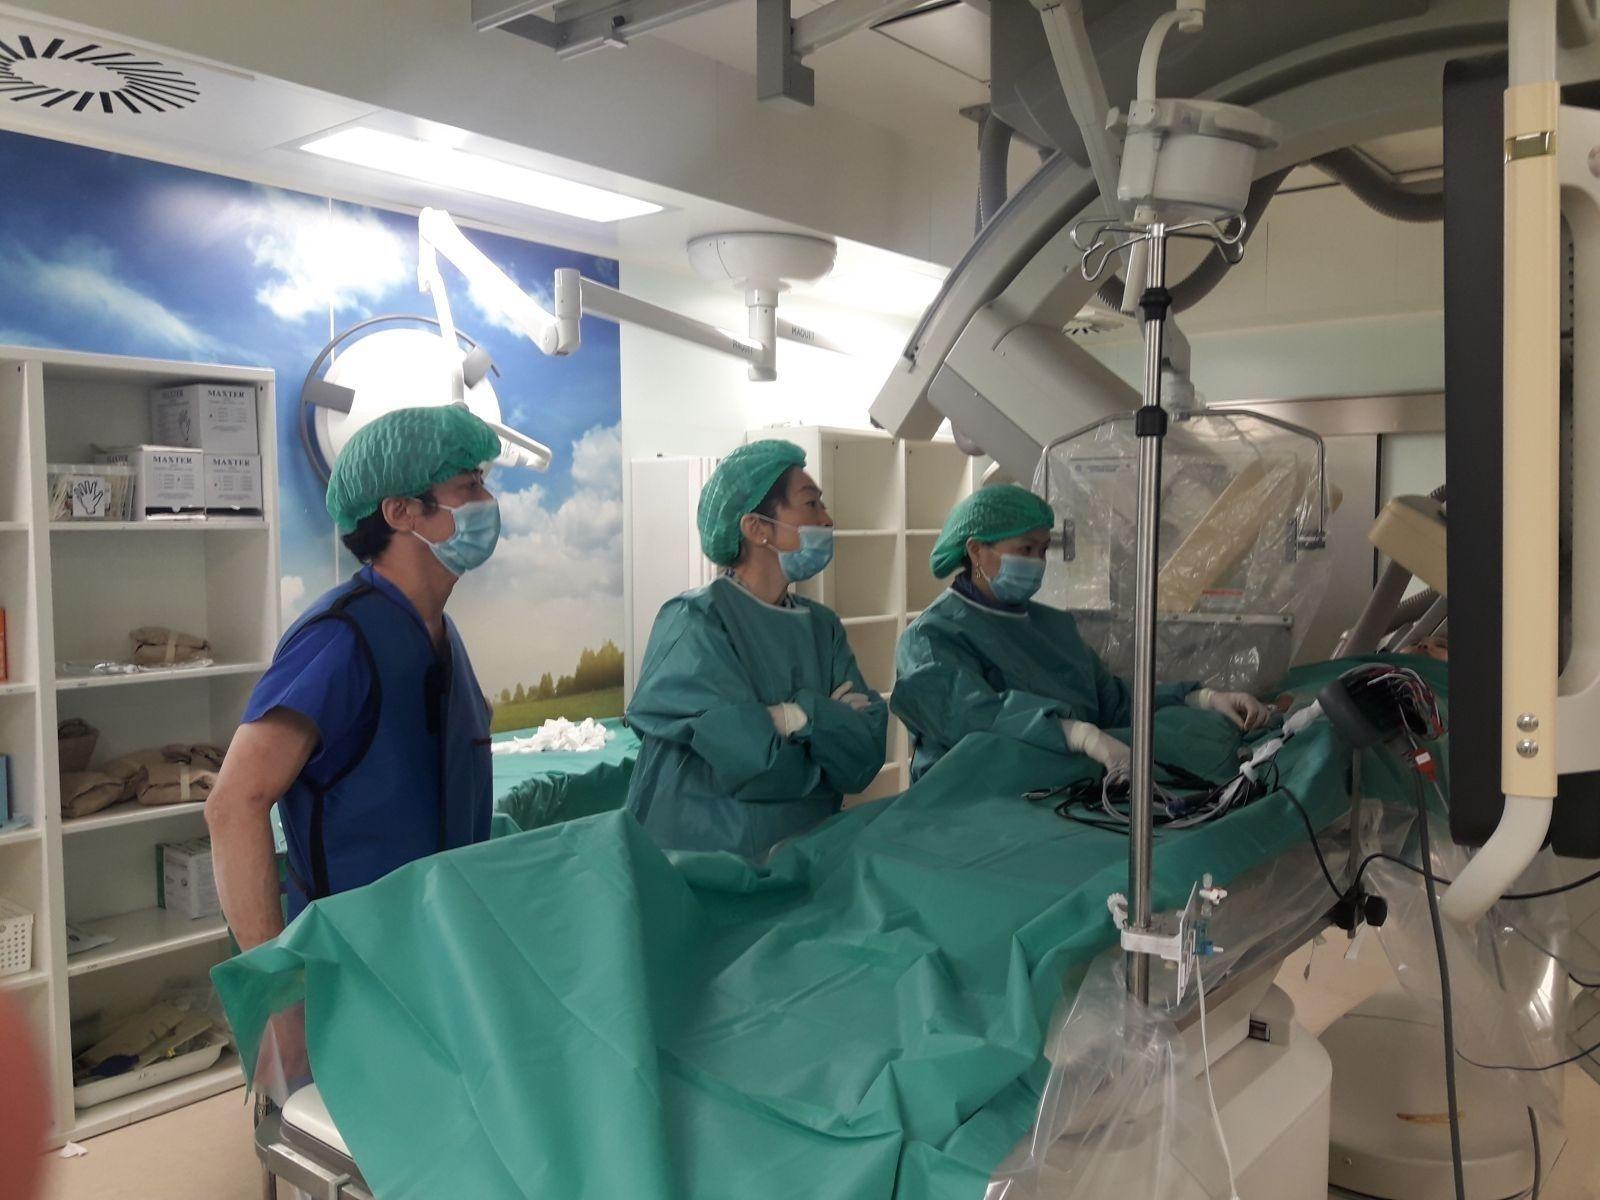 Монгол эмч нар зүрхний хэм алдагдлын судсан дотуурх мэс ажилбарыг эх орондоо анх удаа хийлээ